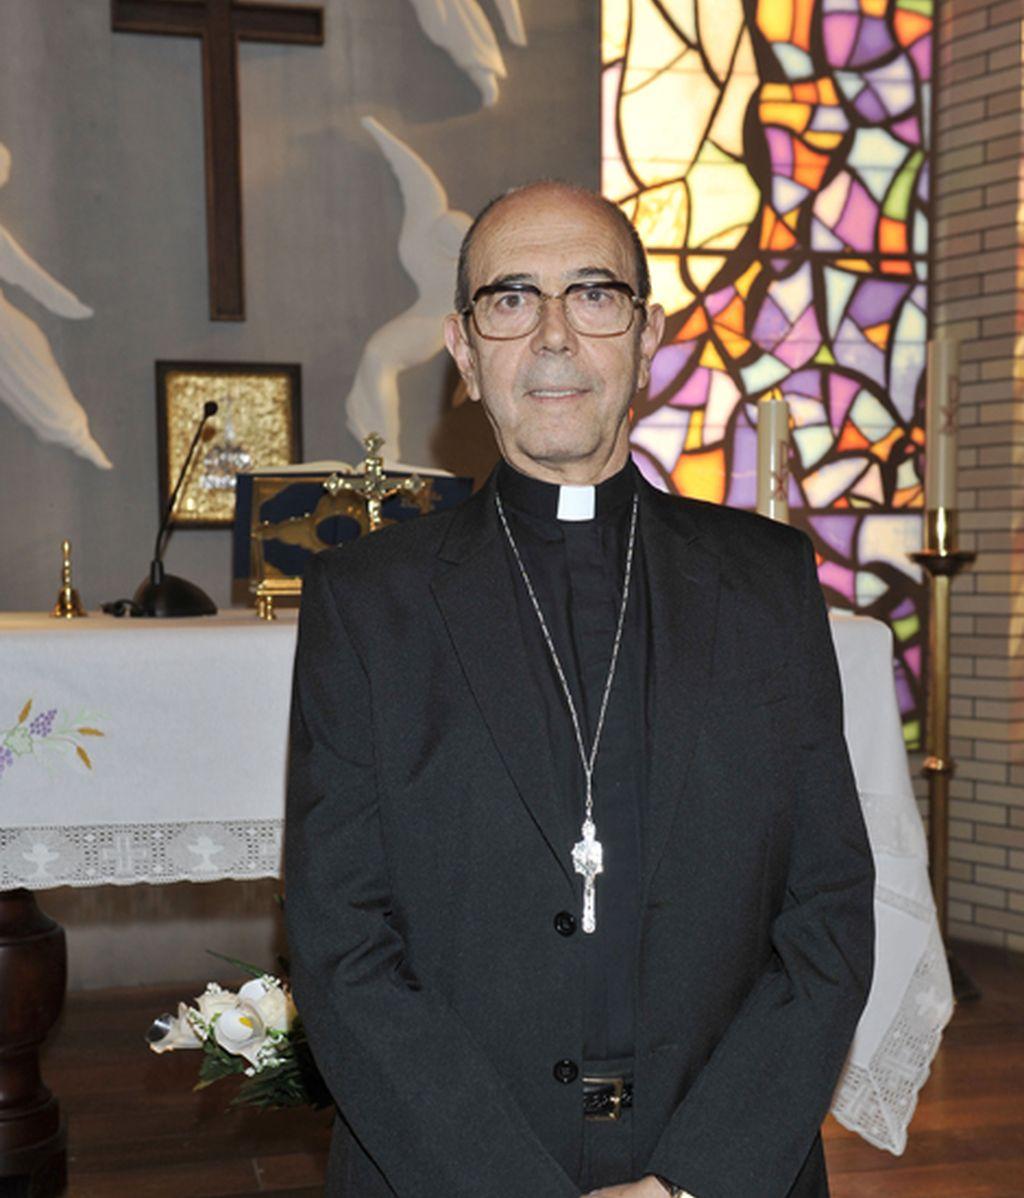 Miguel Rellán es el Obispo Aguilar, un clérigo atado al secreeto de confesión